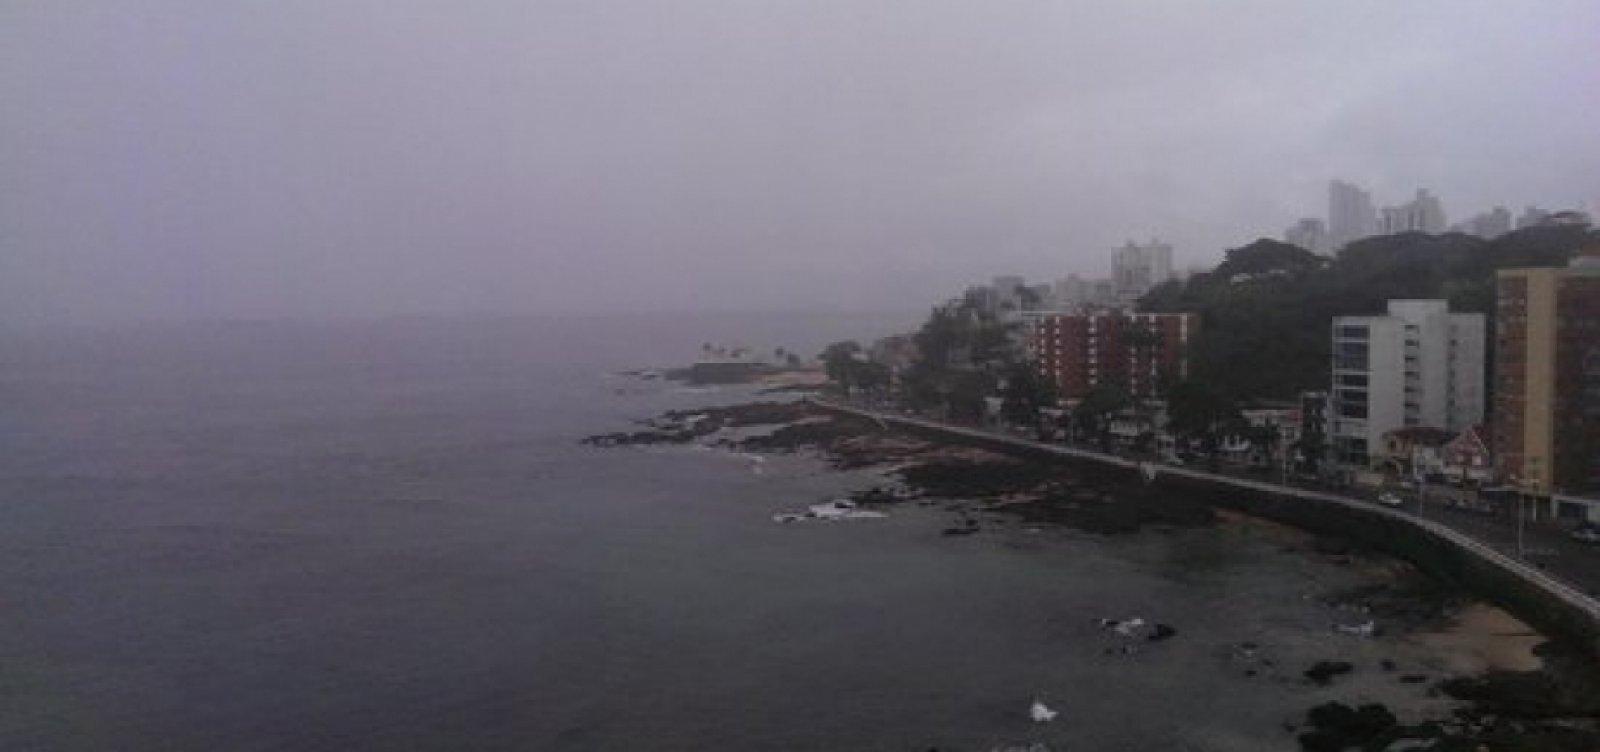 [Marinha emite alerta de mau tempo para litoral da Bahia; ventos podem chegar a 75 km/h]